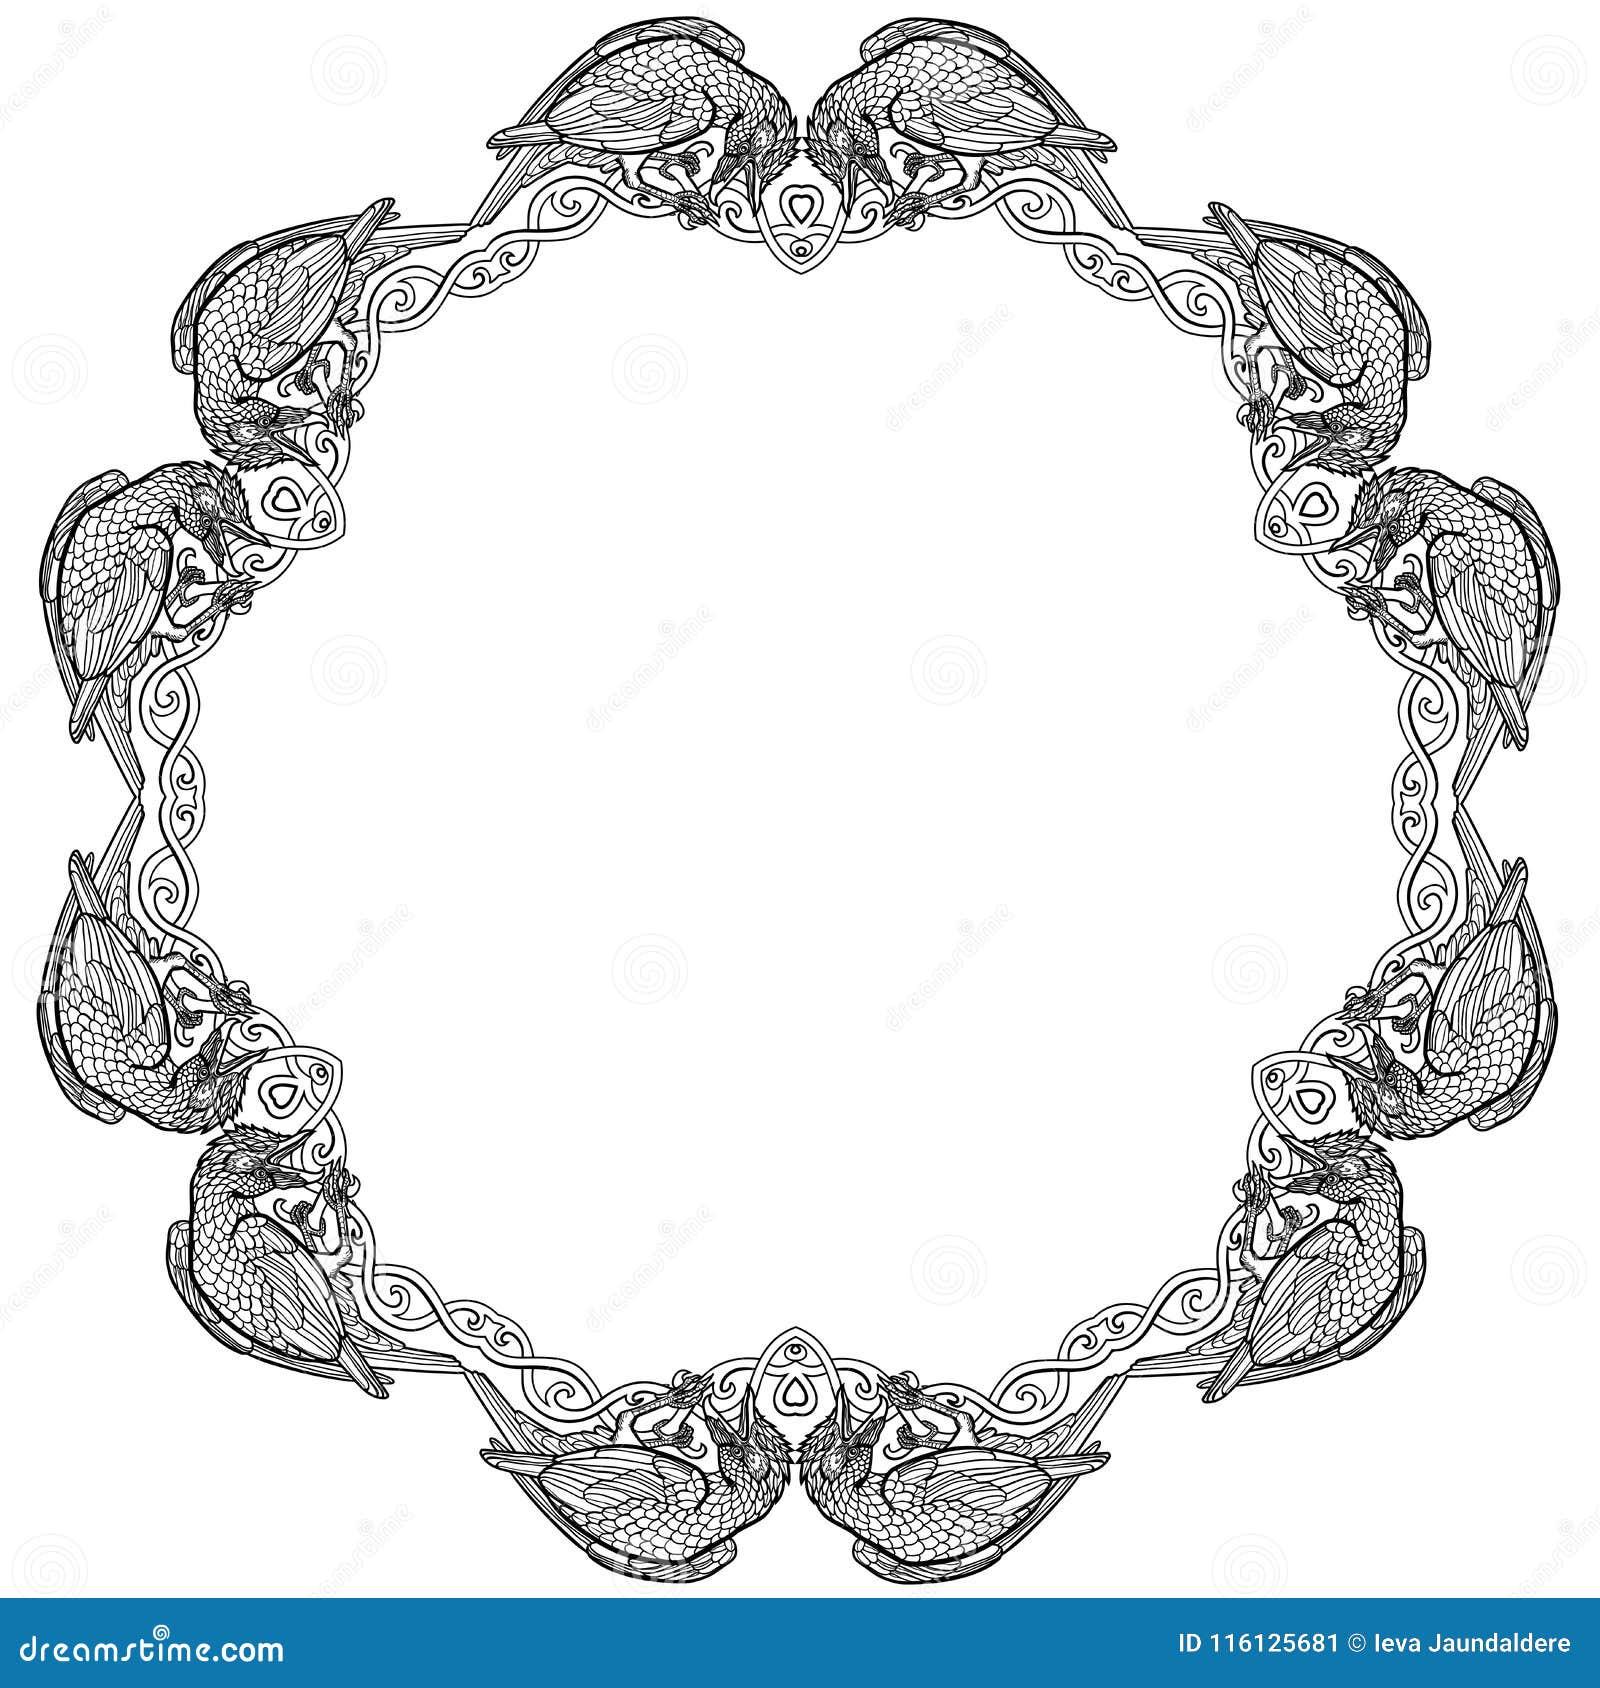 Vector uma ilustração do quadro celta do nó de doze corvos preto e branco